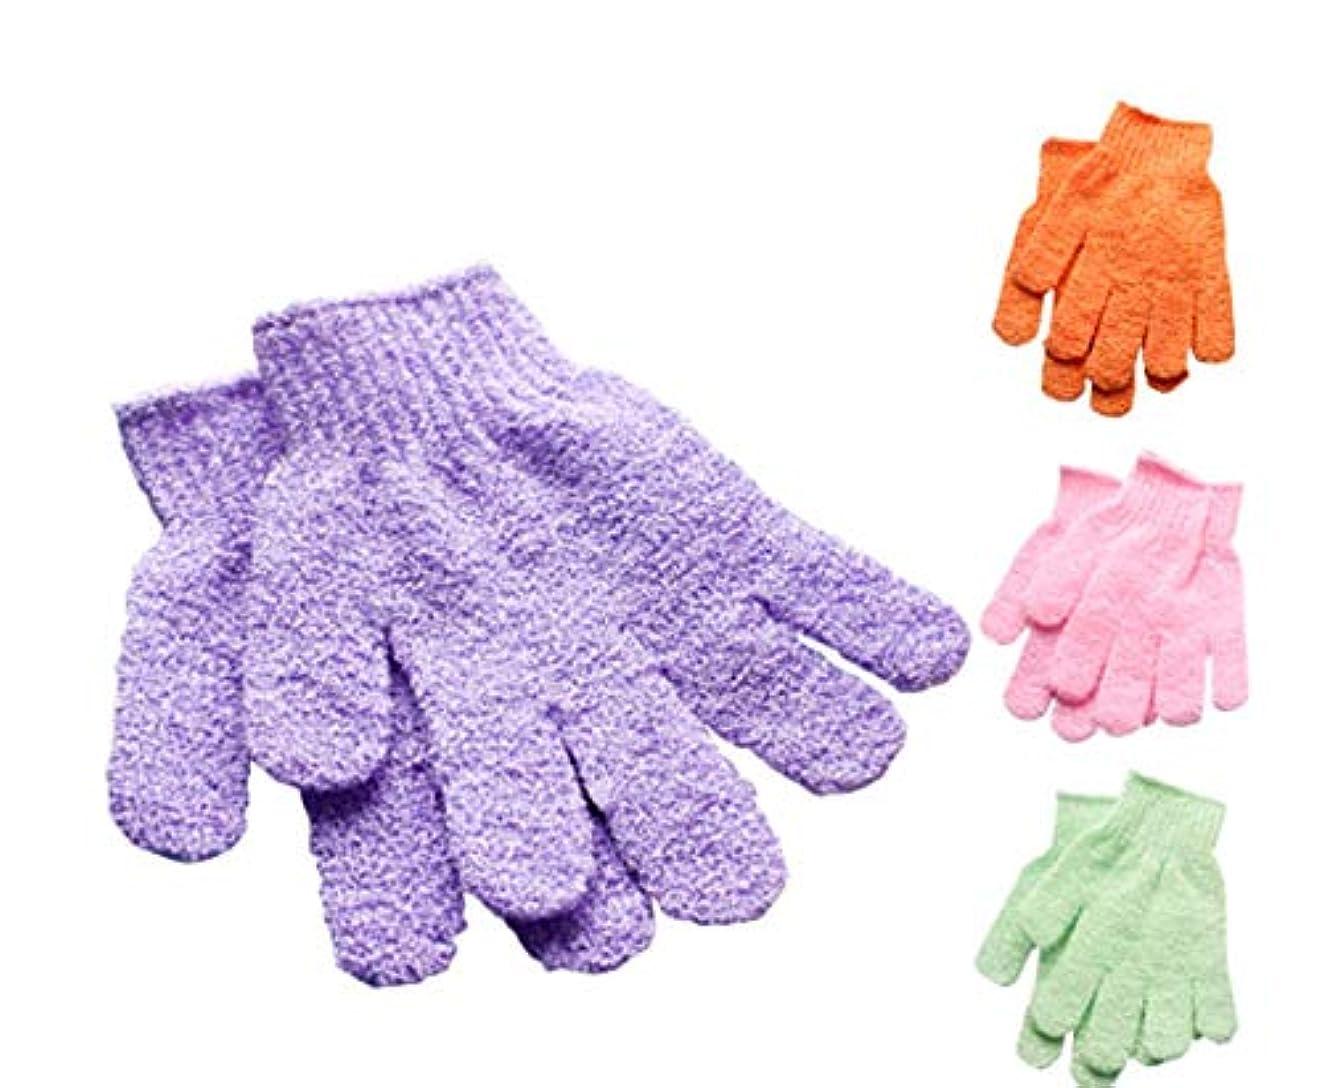 子音リラックス中絶やさしく垢を取る垢すり手袋 新発売、、不思議な垢すりタオル 手袋